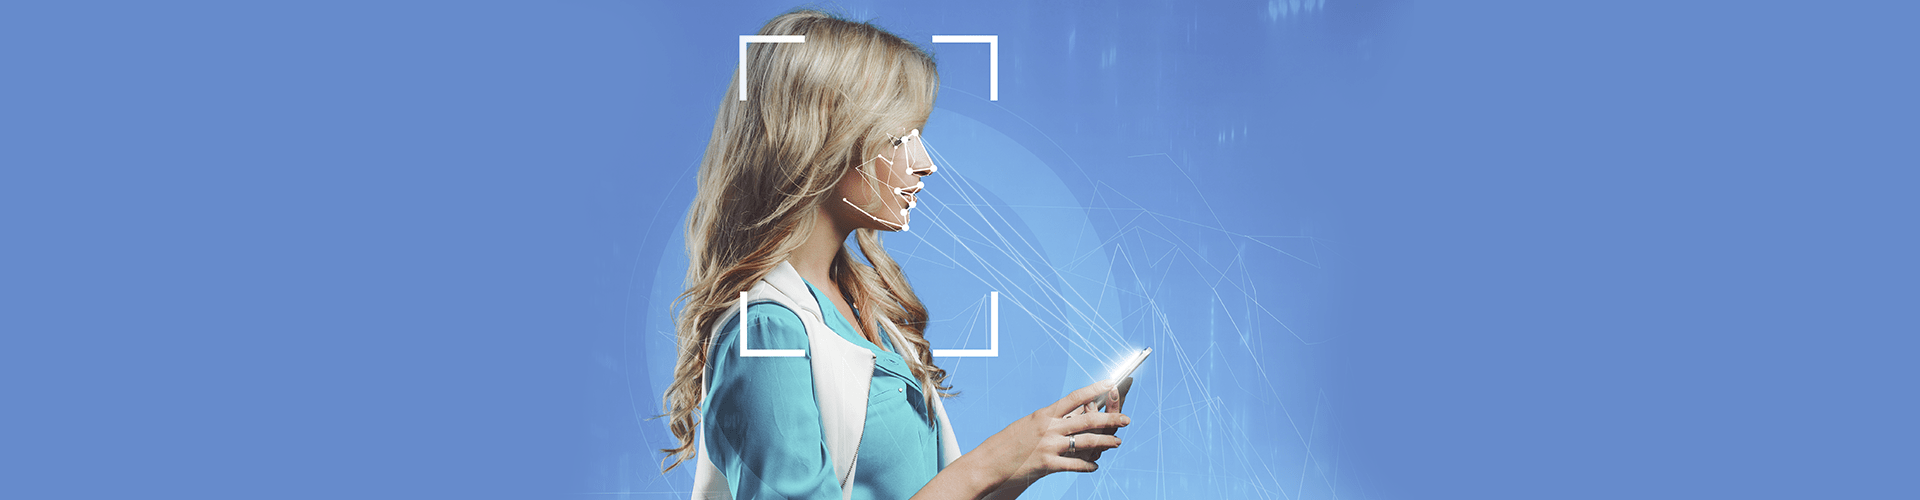 Как банки используют биометрию клиентов